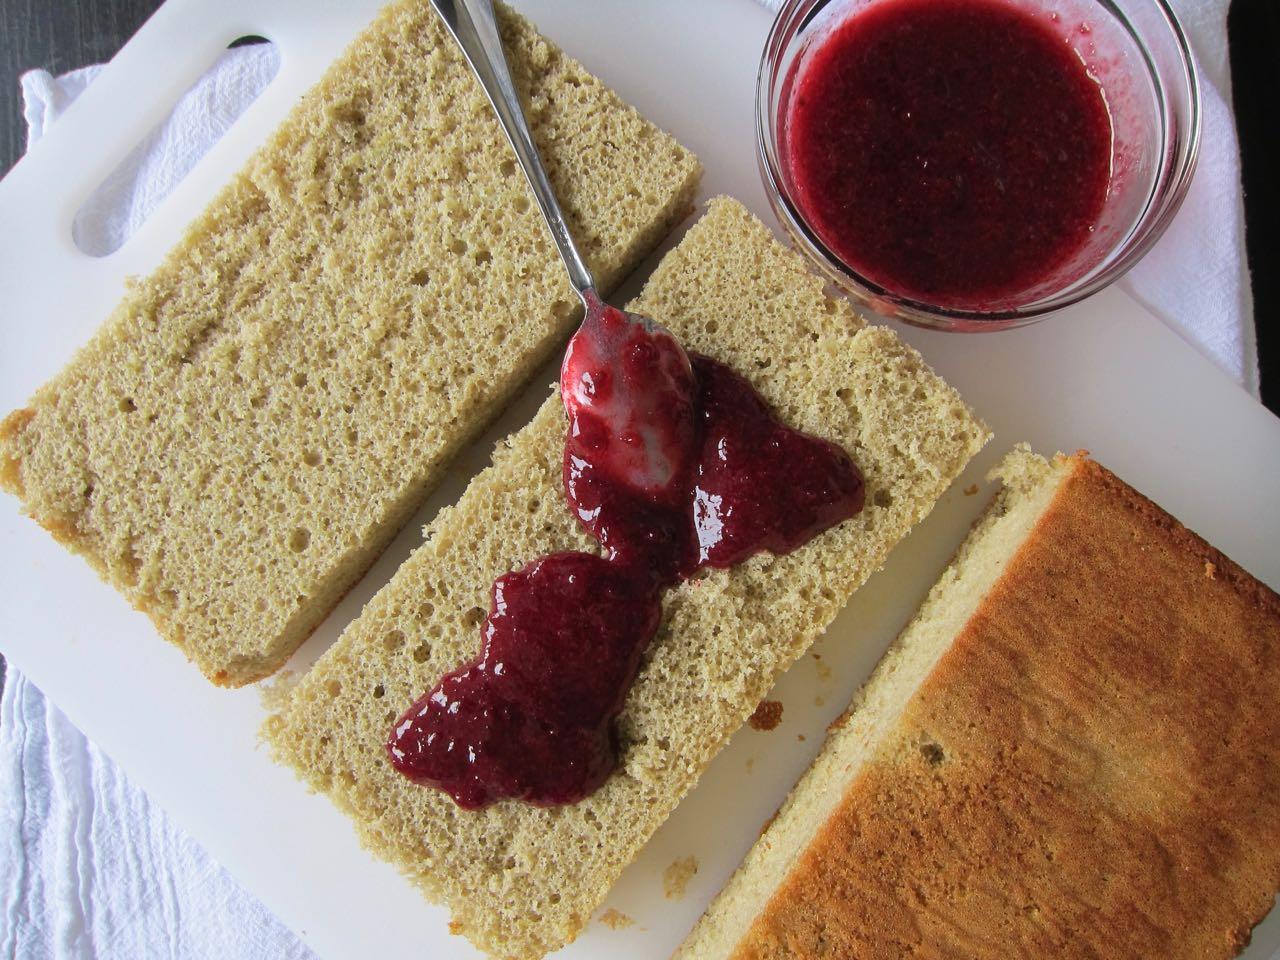 Cherry Jam Filled Matcha Lamington